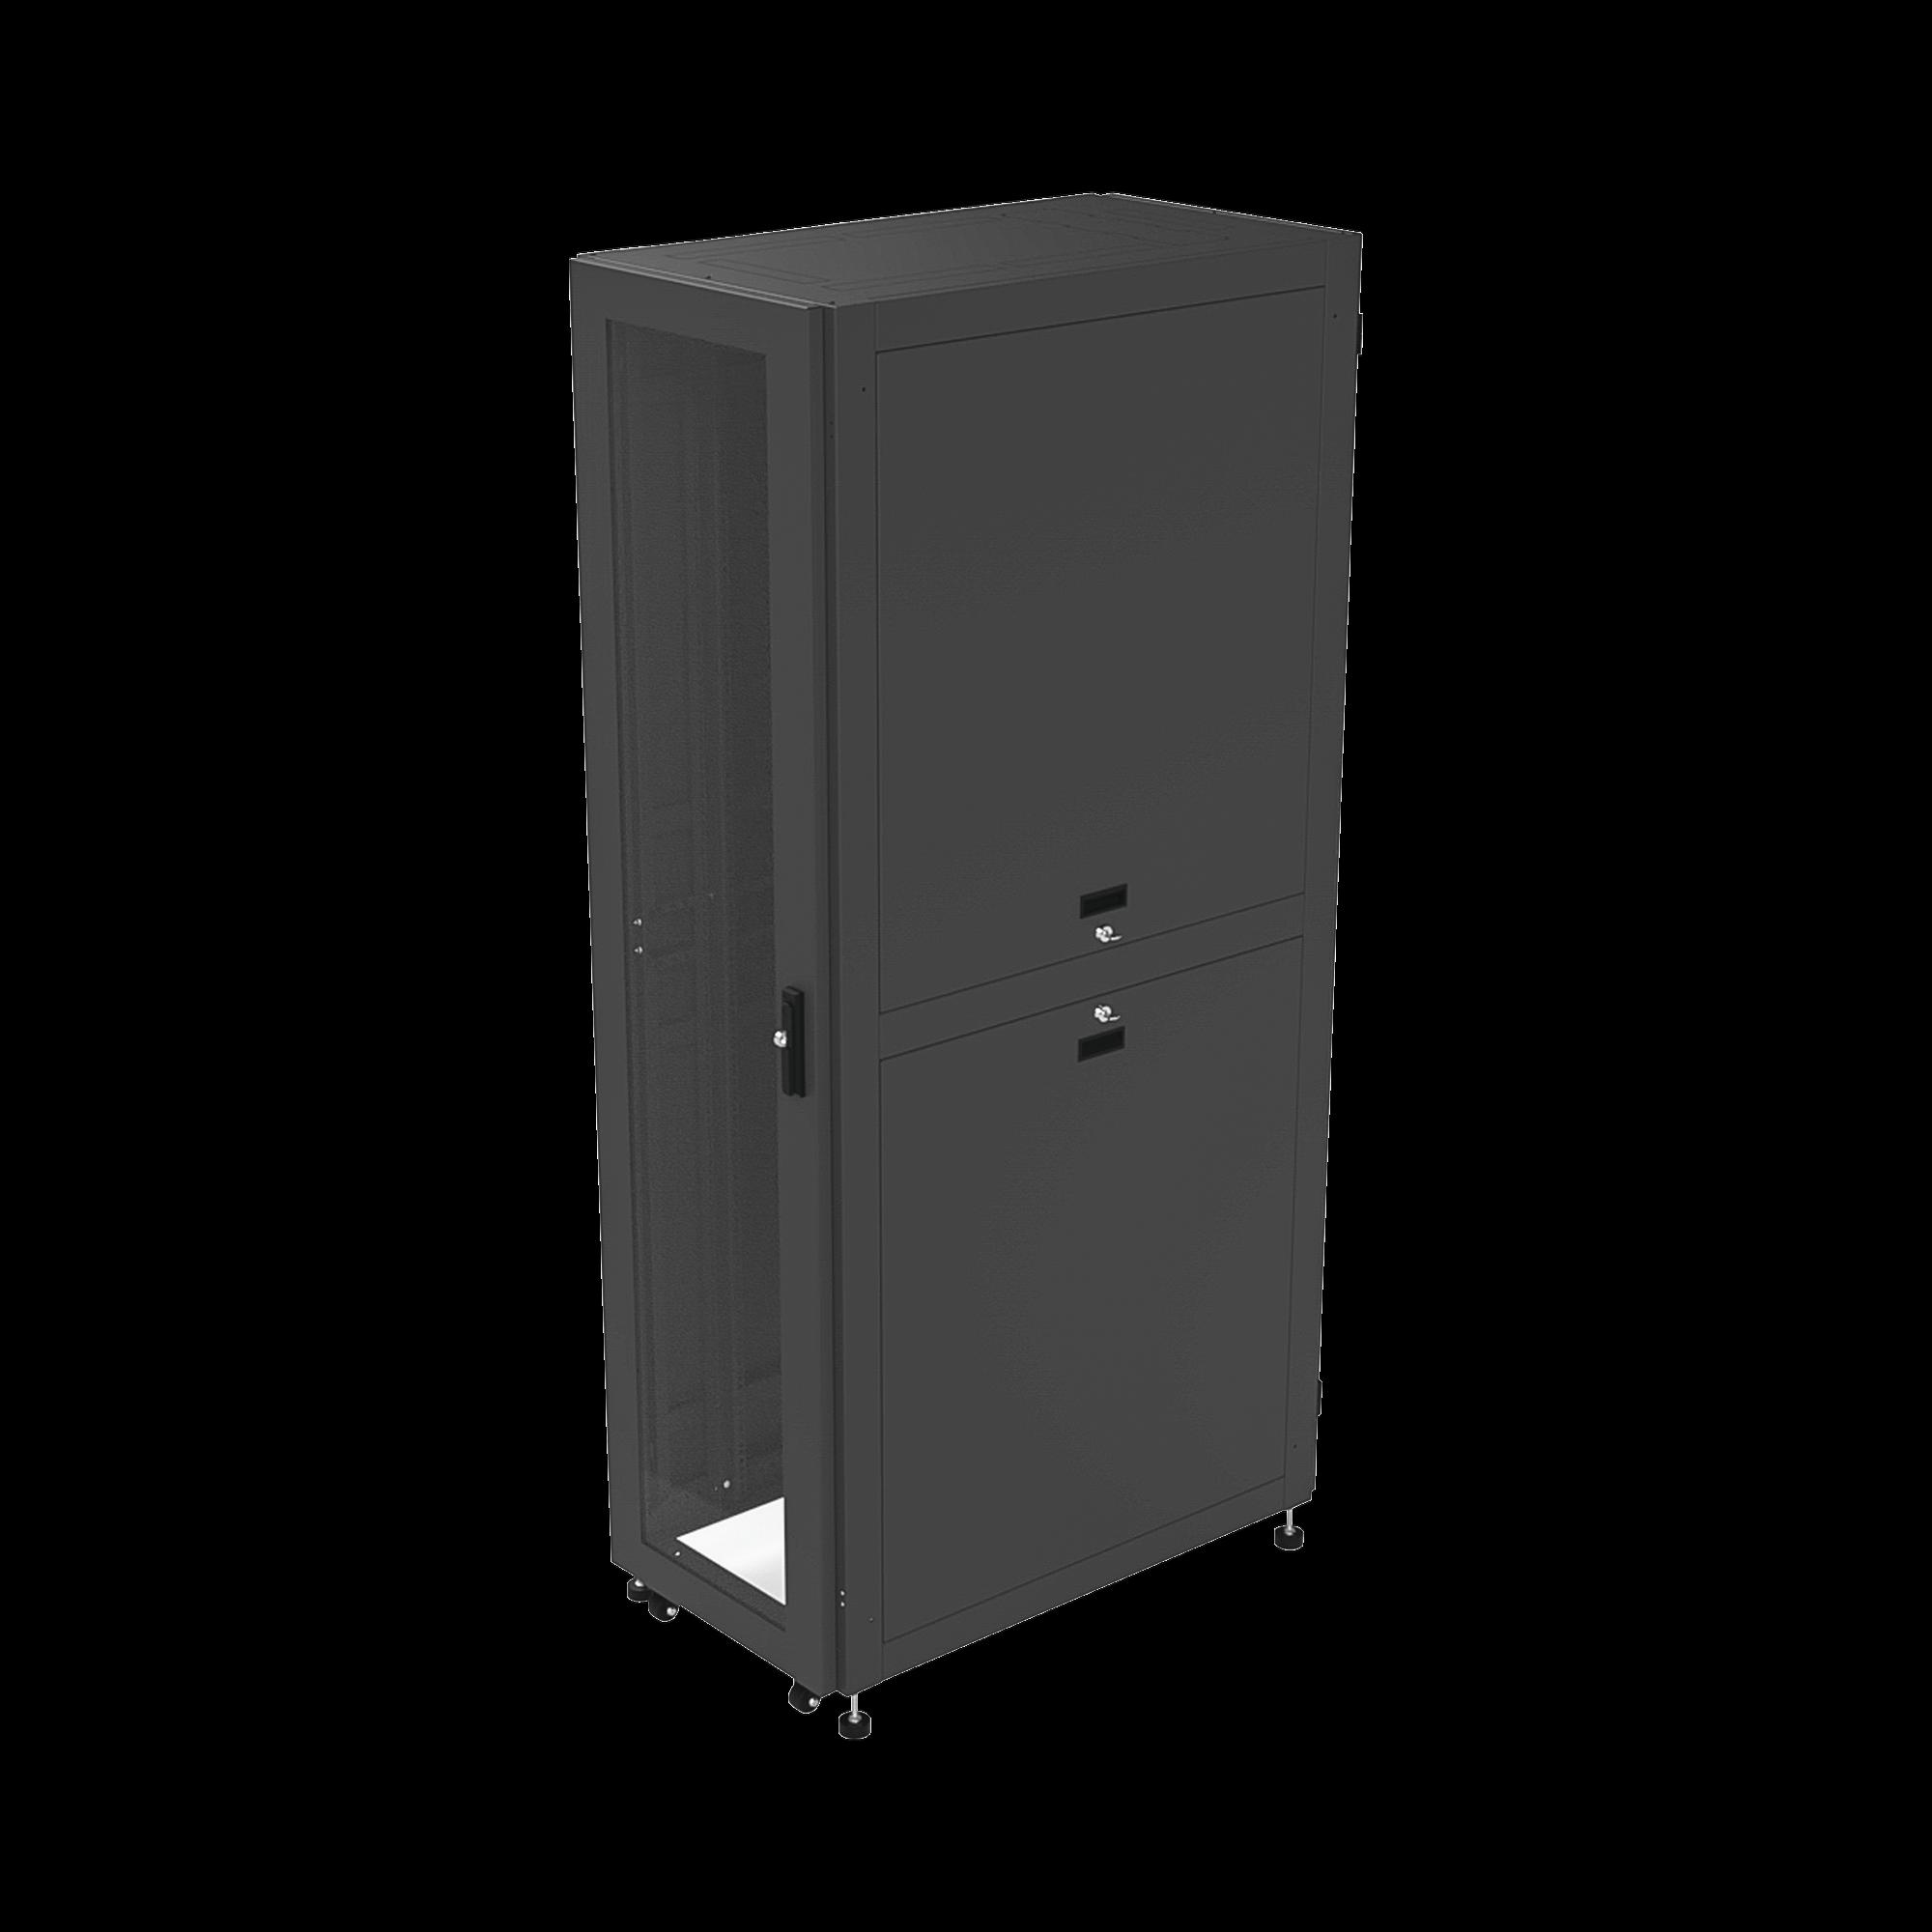 Gabinete Profesional para Telecomunicaciones de 45UR, 600 mm de Ancho x 1000 mm de Profundidad.